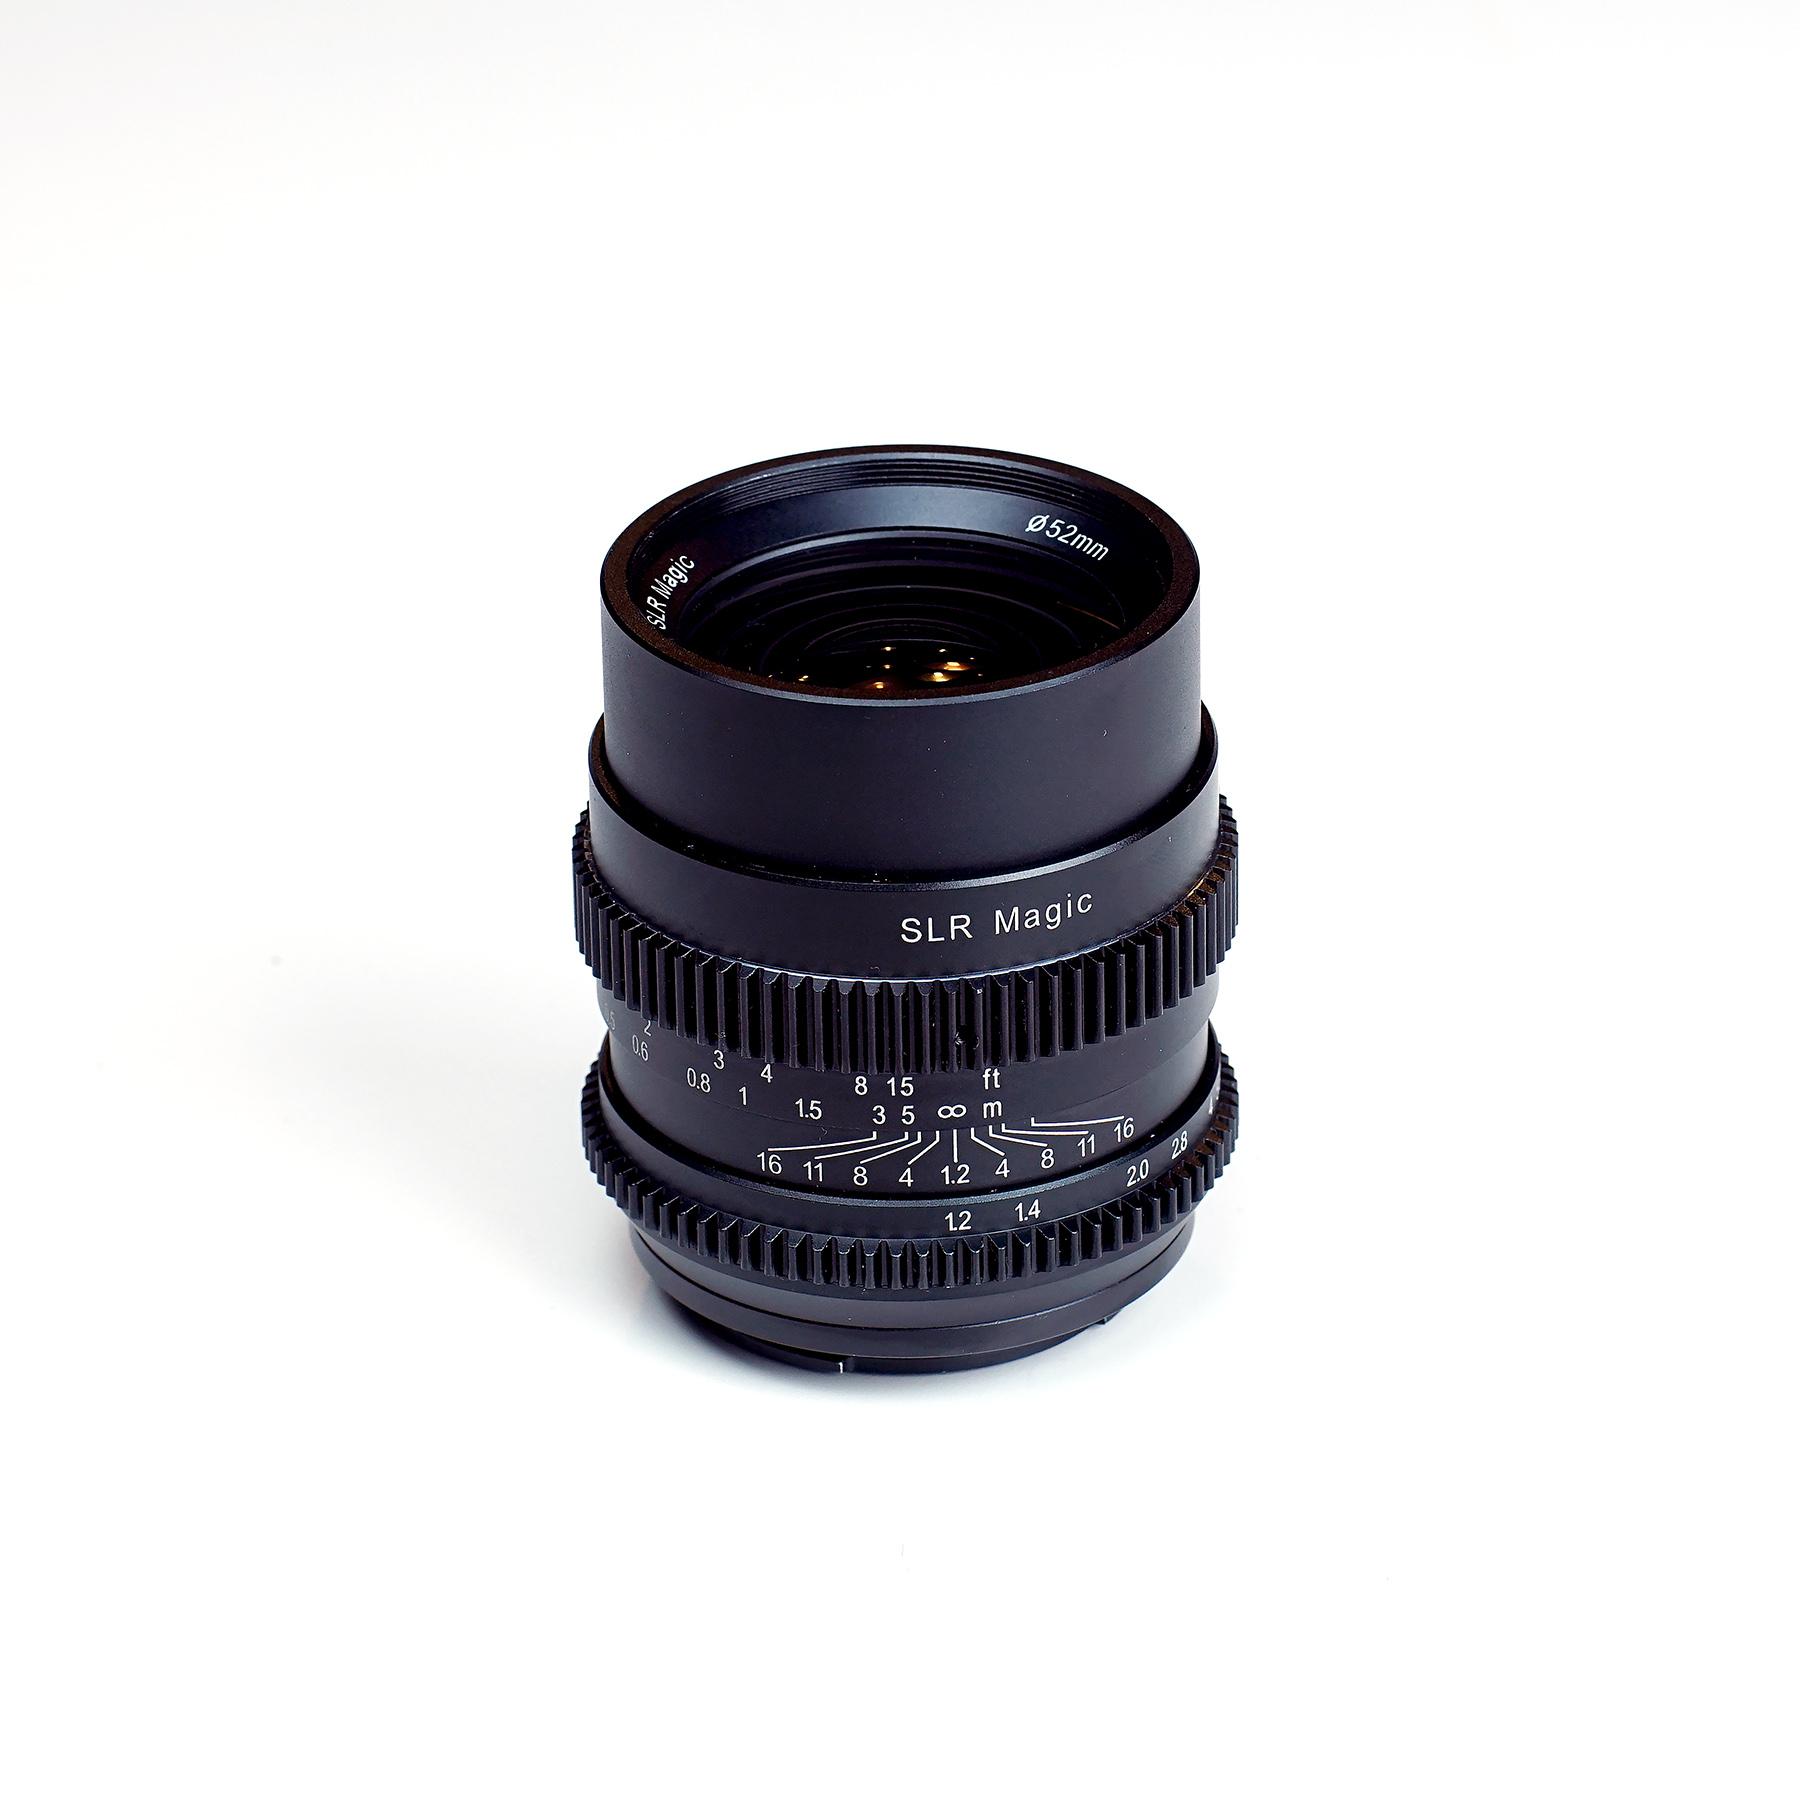 SLR Magic announce two new Sony FE full frame lenses- the CINE 35mm ...